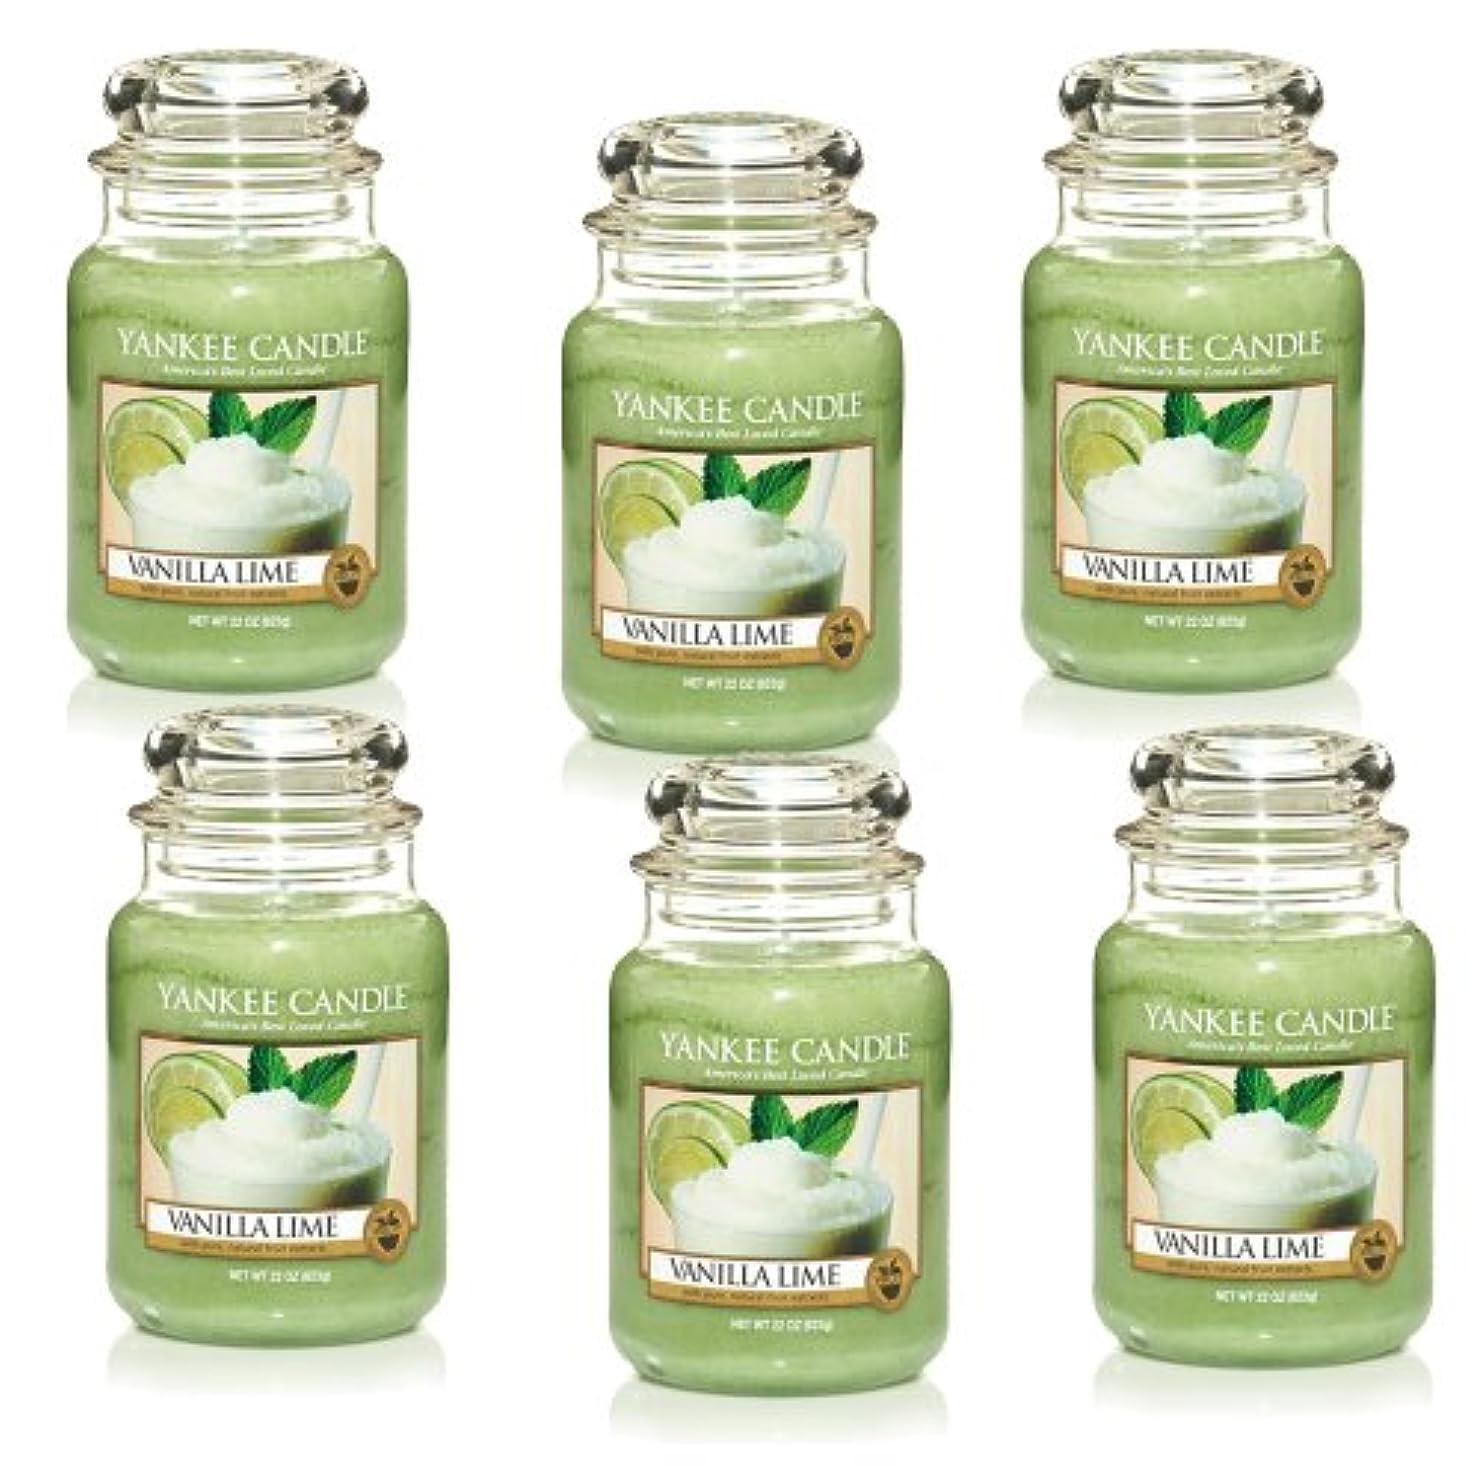 意味する懐変形Yankee CandleバニラライムLarge Jar 22oz Candle Set of 6 1106730X6